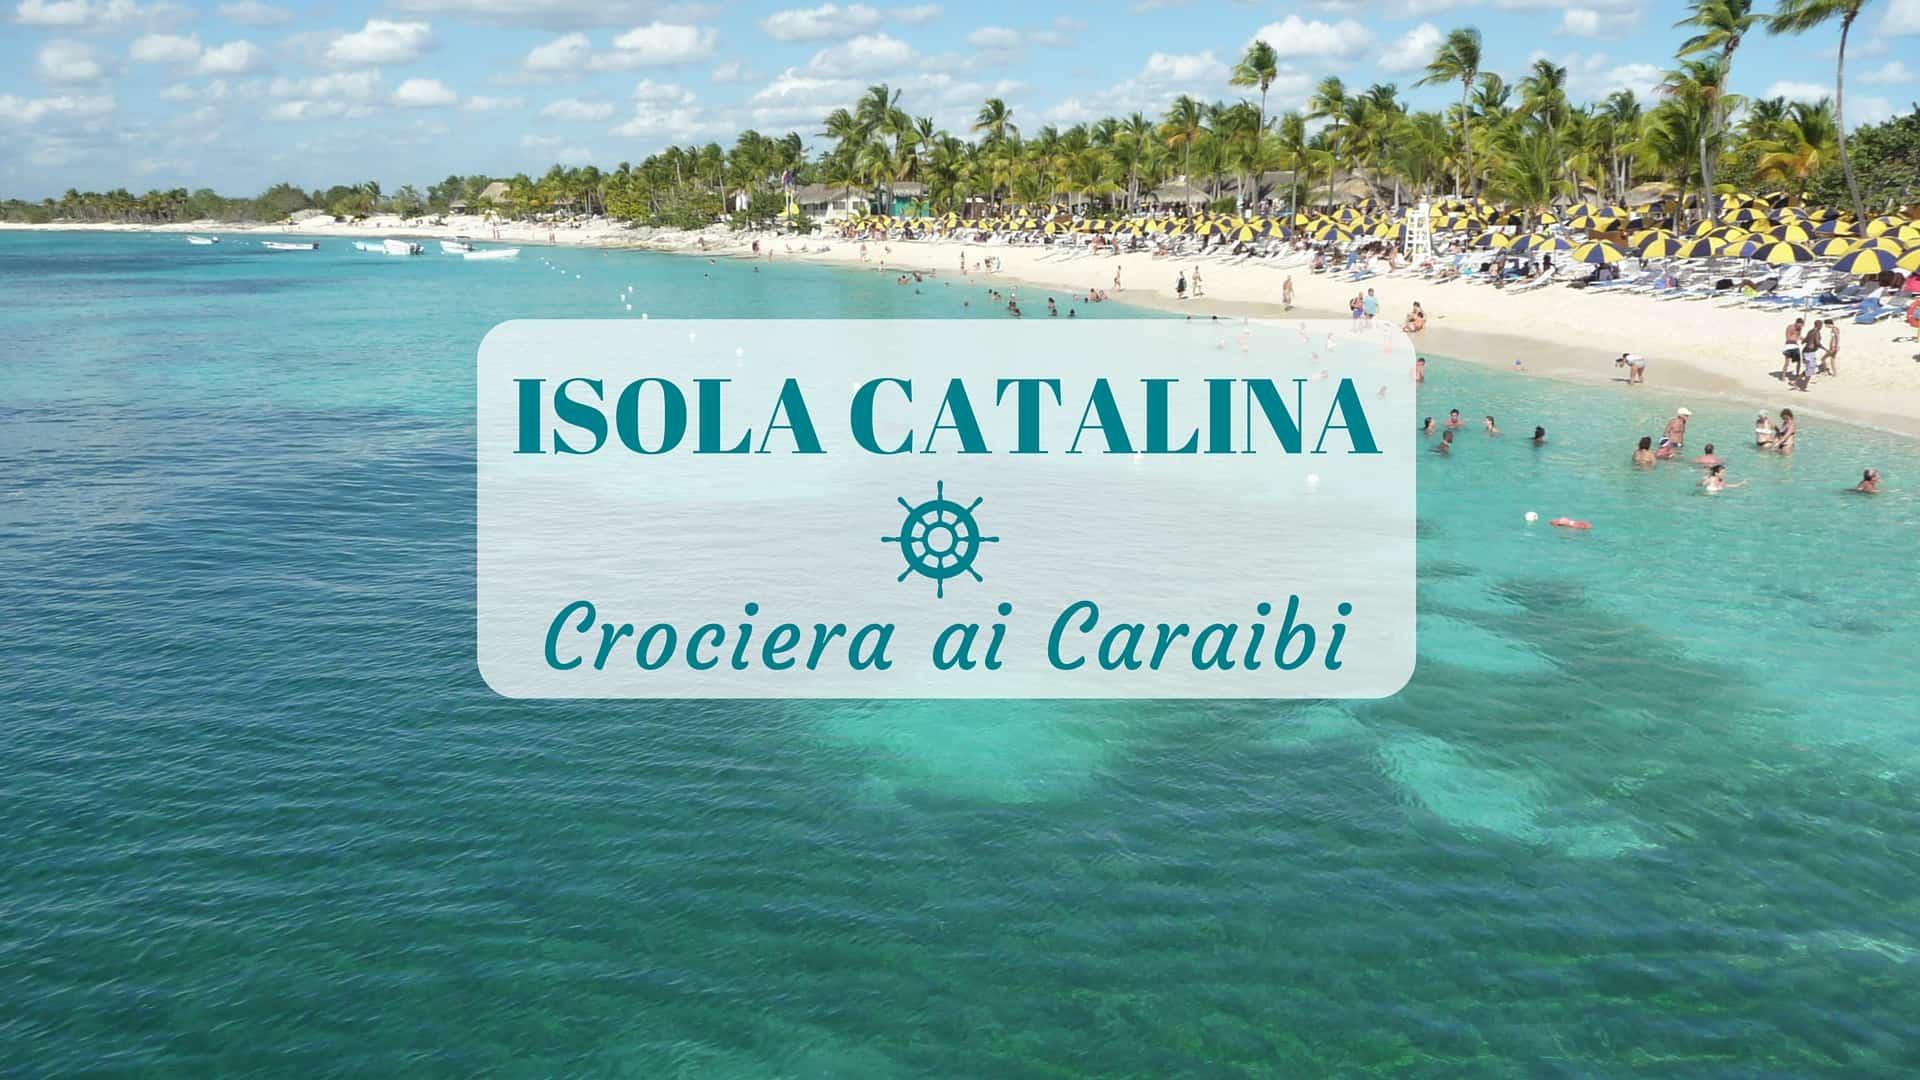 Isola catalina una giornata di relax in crociera ai caraibi for Isola di saint honore caraibi